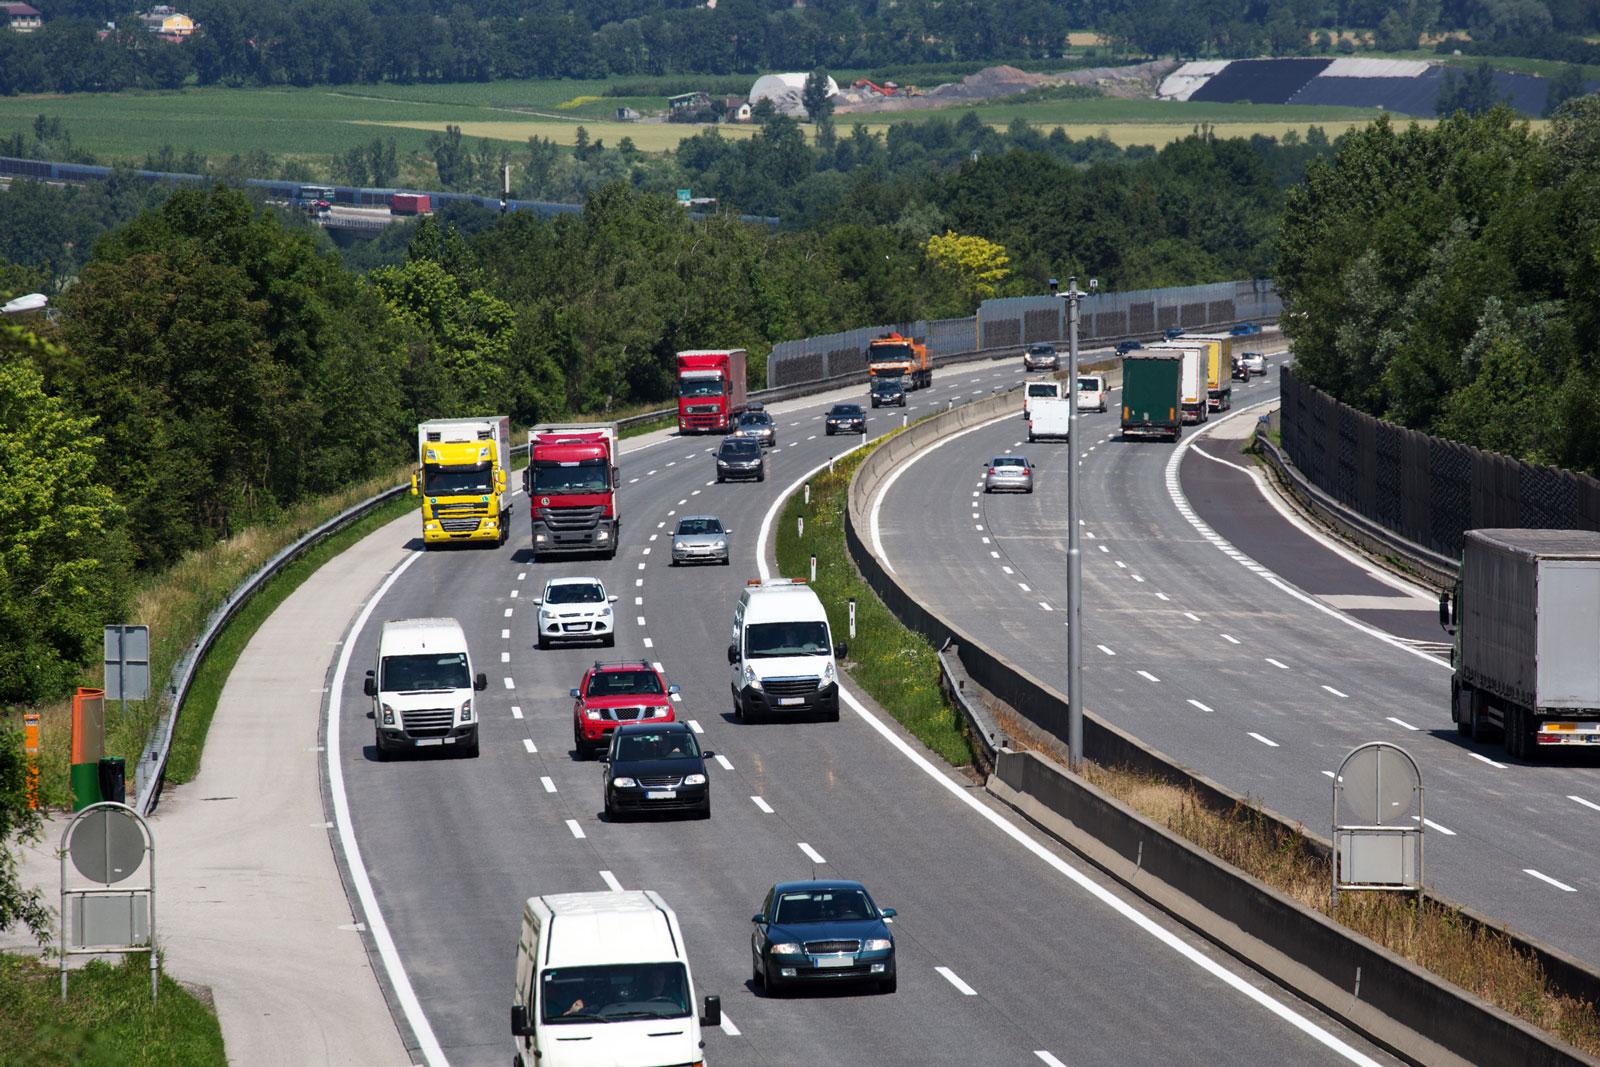 Neu: Ab sofort muss das Lenkrad bei aktiviertem Fahrassistenzsystem auf Autobahnen nicht mehr mit mindestens einer Fahrerhand festgehalten werden.